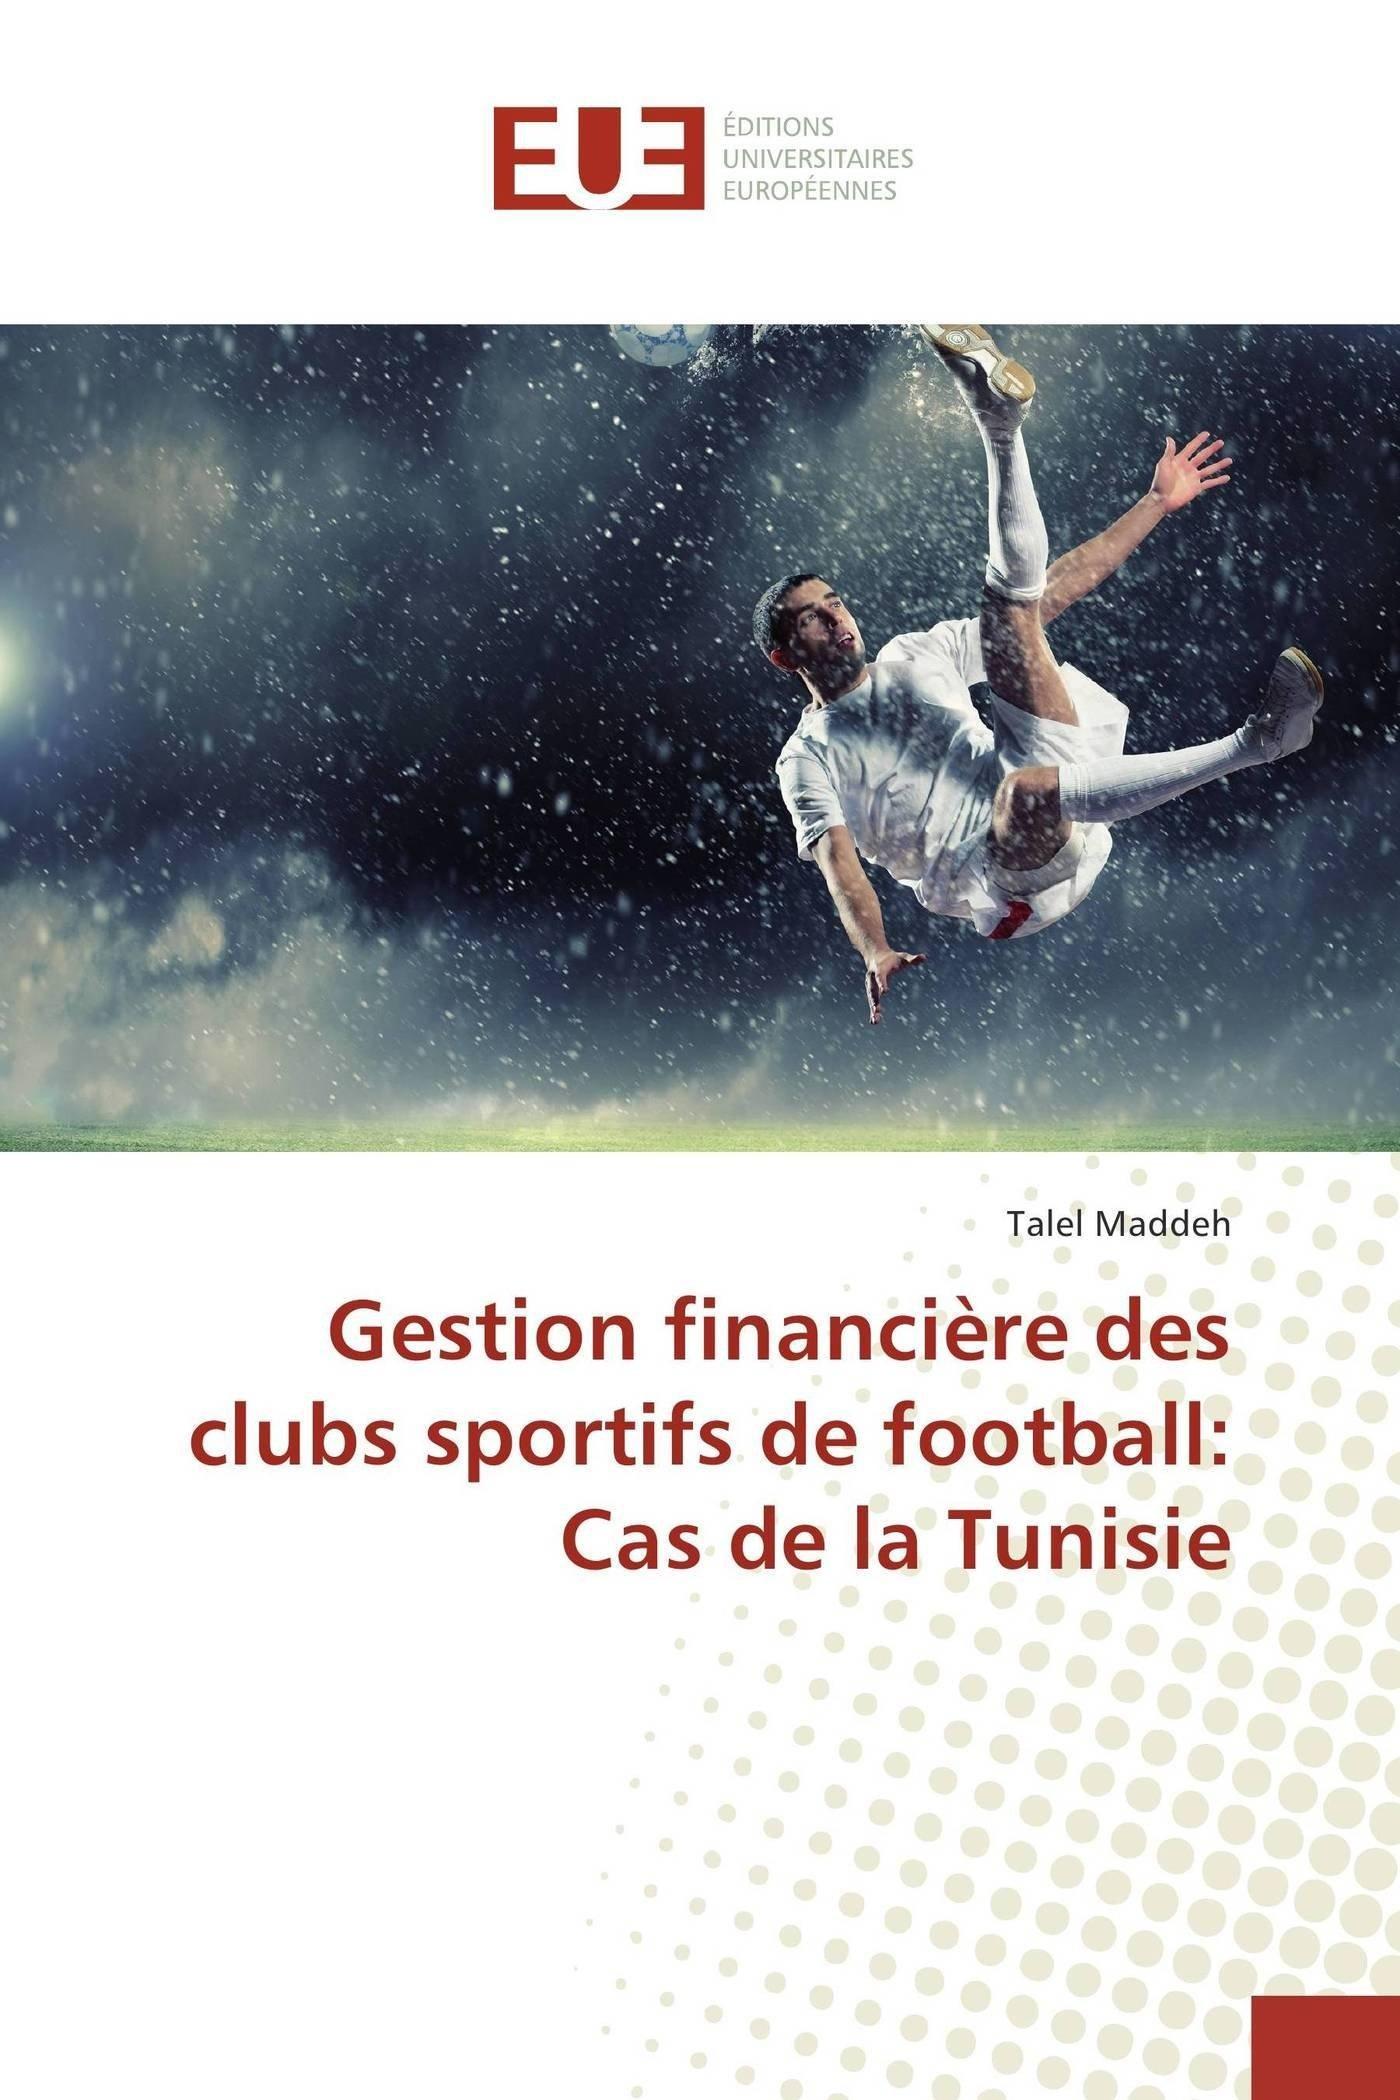 Gestion financière des clubs sportifs de football: cas de la tunisie (Omn.Univ.Europ.) (French Edition) PDF